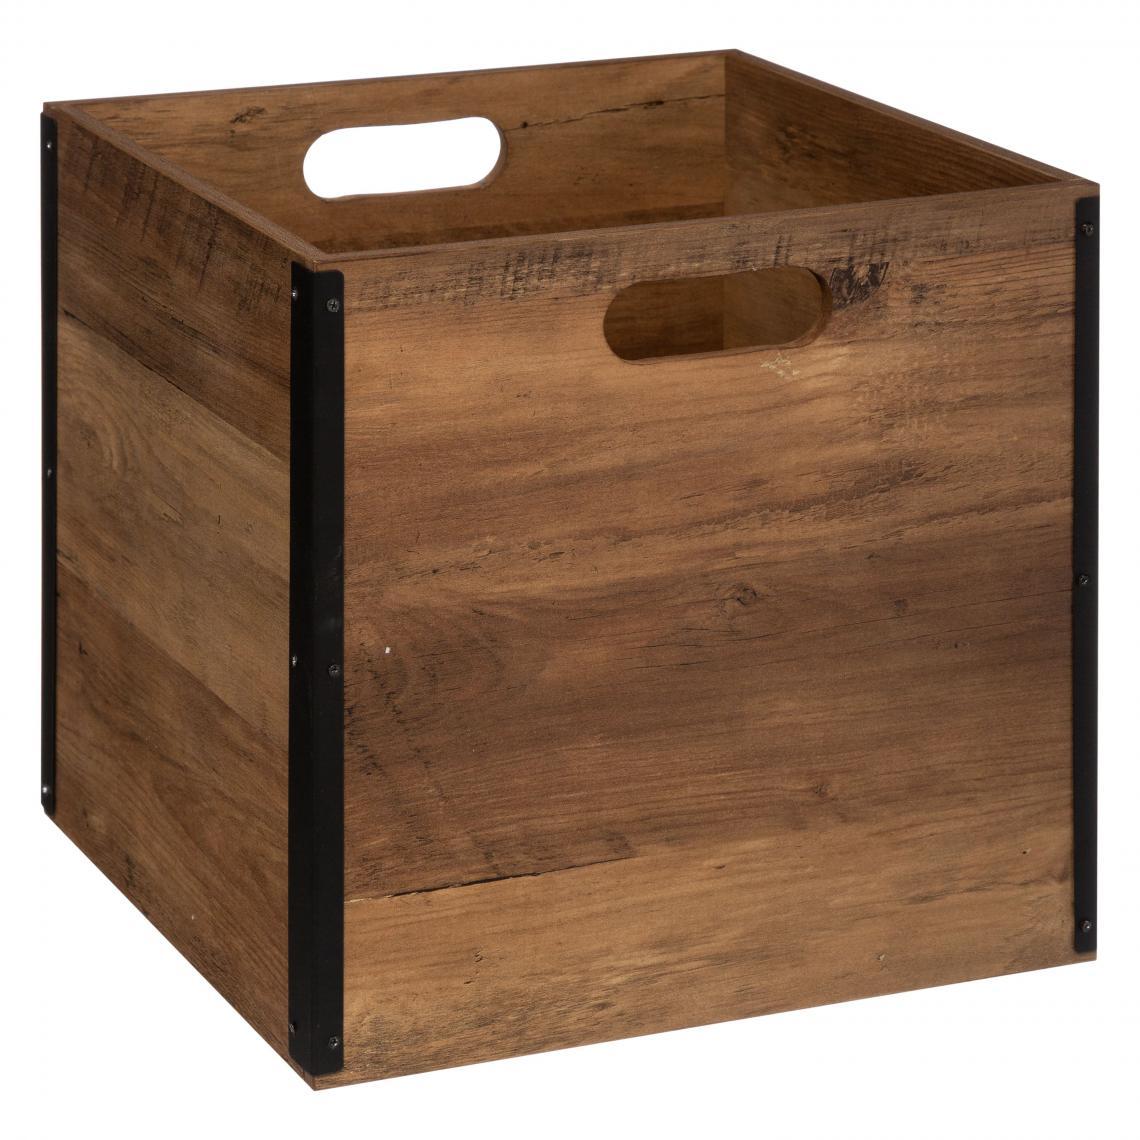 boite de rangement 31x31 bois industriel